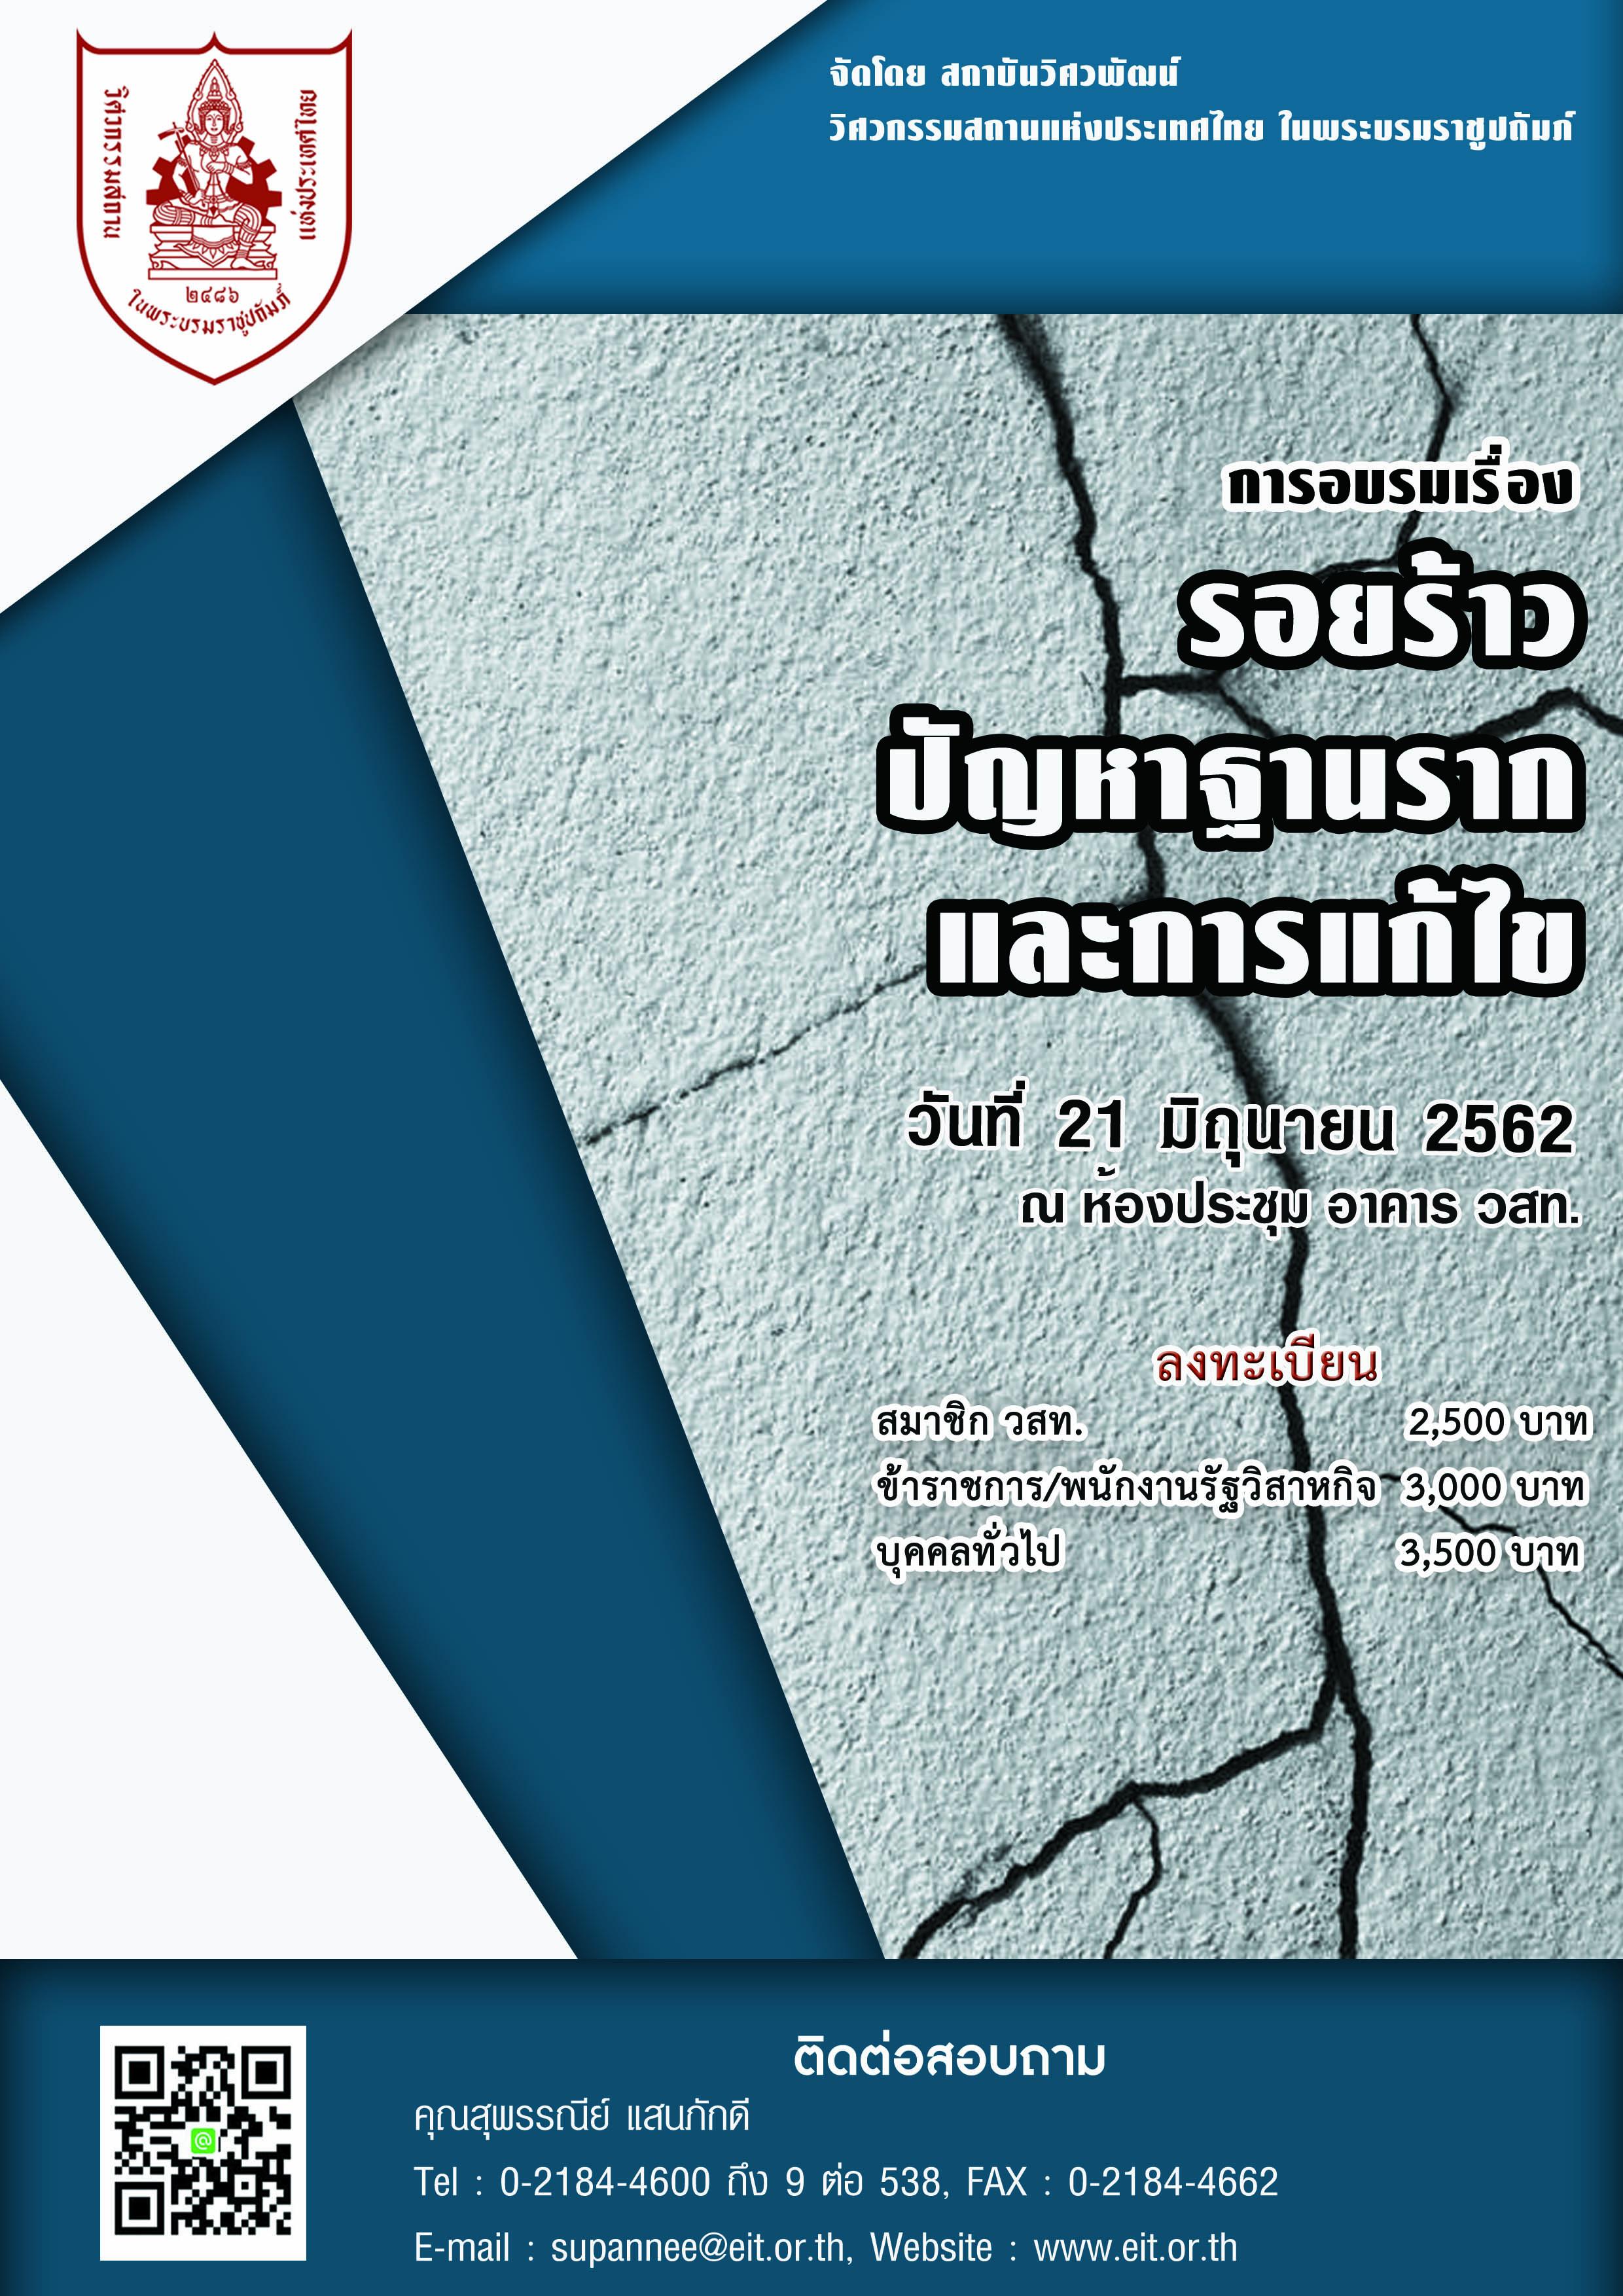 21/06/2562 การอบรมเรื่อง รอยร้าว ปัญหาฐานราก และการแก้ไข